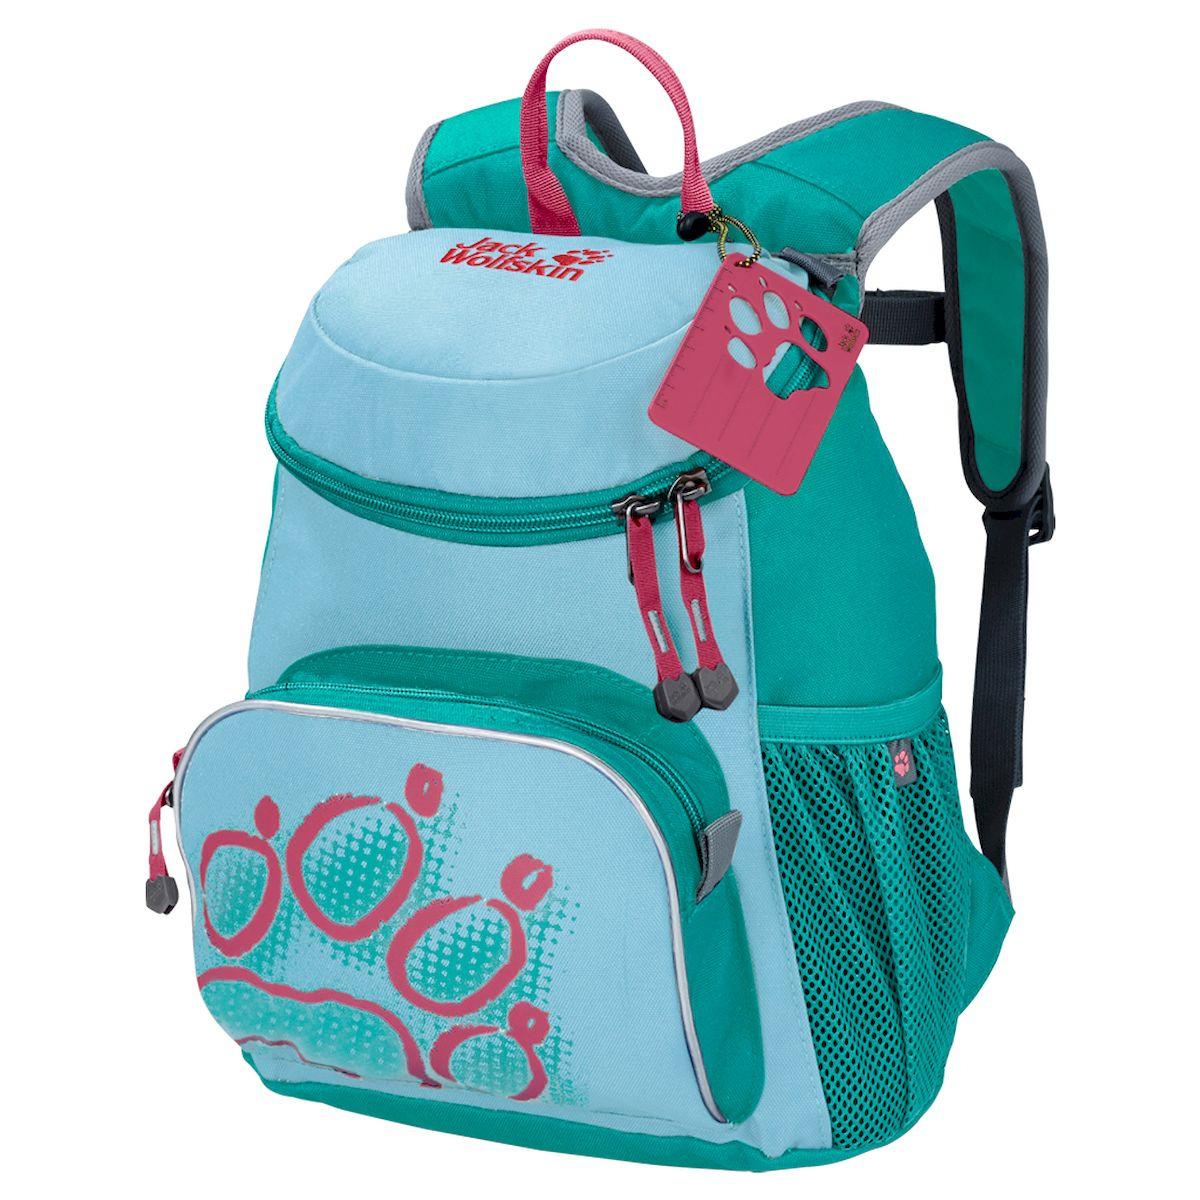 Рюкзак Jack Wolfskin, Little Joe, детский , голубой26221-1094Маленький рюкзак для маленьких искателей приключений. Благодаря удобному для детей дизайну, рюкзак LITTLE JOE (ЛИТЛ ДЖО) превосходно подойдет юным любителям природы. Рюкзак идеально подходит для детского сада и первых путешествий. Плюшевый мишка, бутерброды и непромокаемая куртка смогут расположиться в четырех практичных отделениях: основном отделении, переднем кармане и двух боковых карманах из сетки, где их будет очень легко найти, когда они снова понадобятся. Чтобы облегчить нагрузку на спину ребенка, мы уделили особое внимание дизайну системы подвески. Система подвески SNUGGLE UP (СНАГГЛ АП) оснащена гибкими, плотно прилегающими к телу лямками, которые можно зафиксировать с помощью грудной стяжки. Эта система удерживает рюкзак в нужном положении даже во время самой подвижной игры. Все застежки рассчитаны на возможности детей, поэтому процессы открывания и закрывания не требуют помощи взрослых. Рекомендуем!